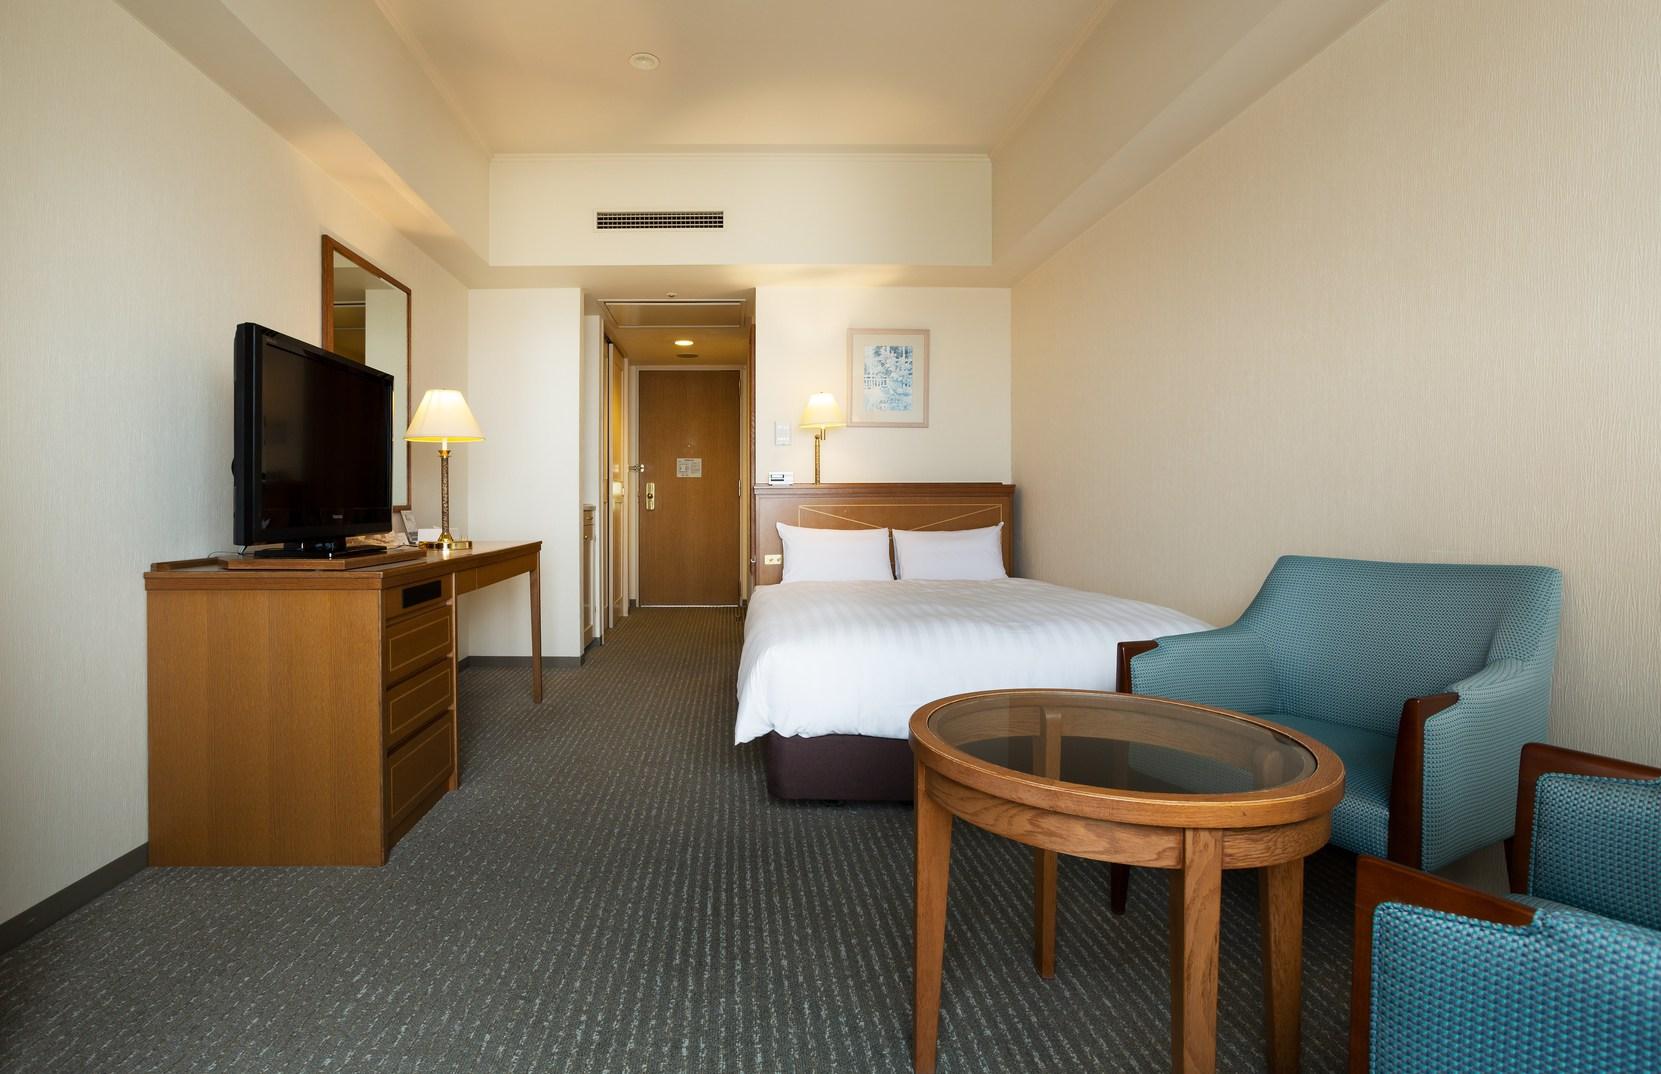 ホテルグランヒルズ静岡(旧ホテルセンチュリー静岡) image